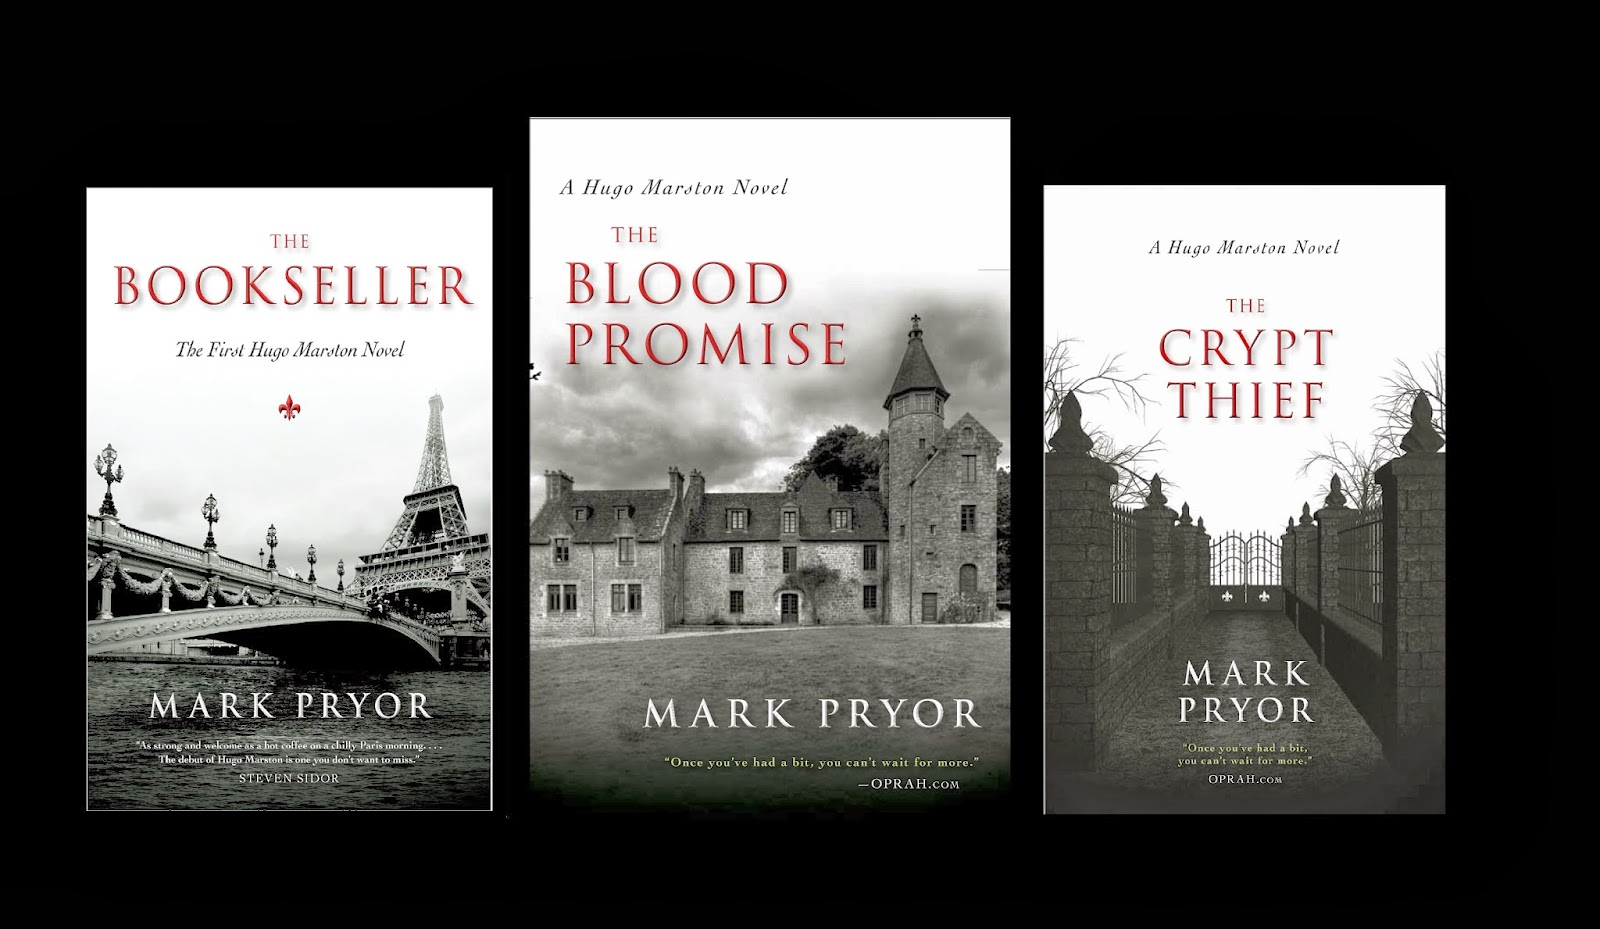 www.markpryorbooks.com